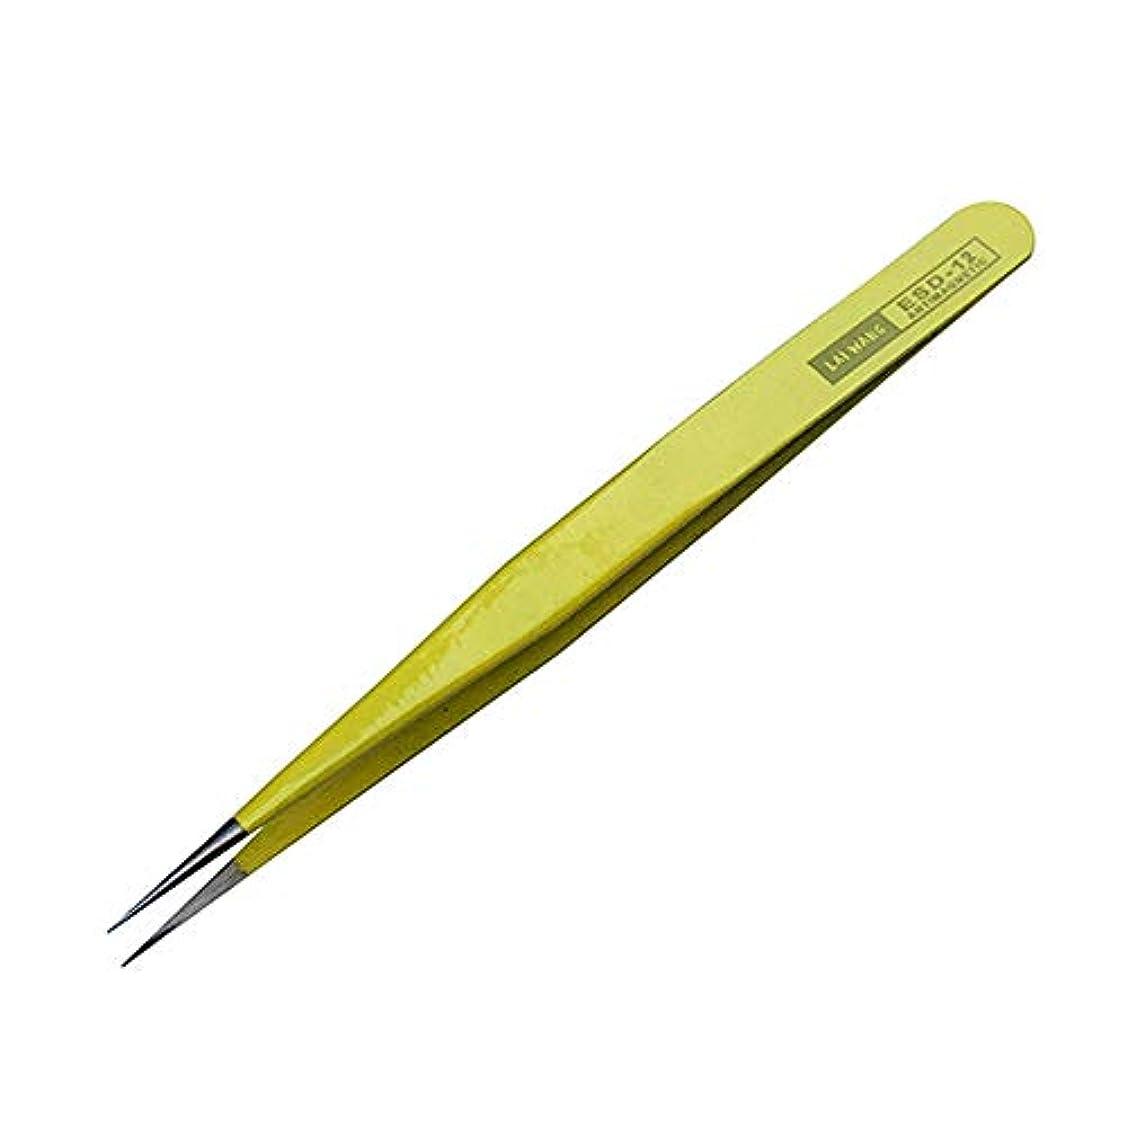 禁止印刷する甘いステンレス鋼眉毛ピンセットまつげカーラークリップ摘採美容ツール